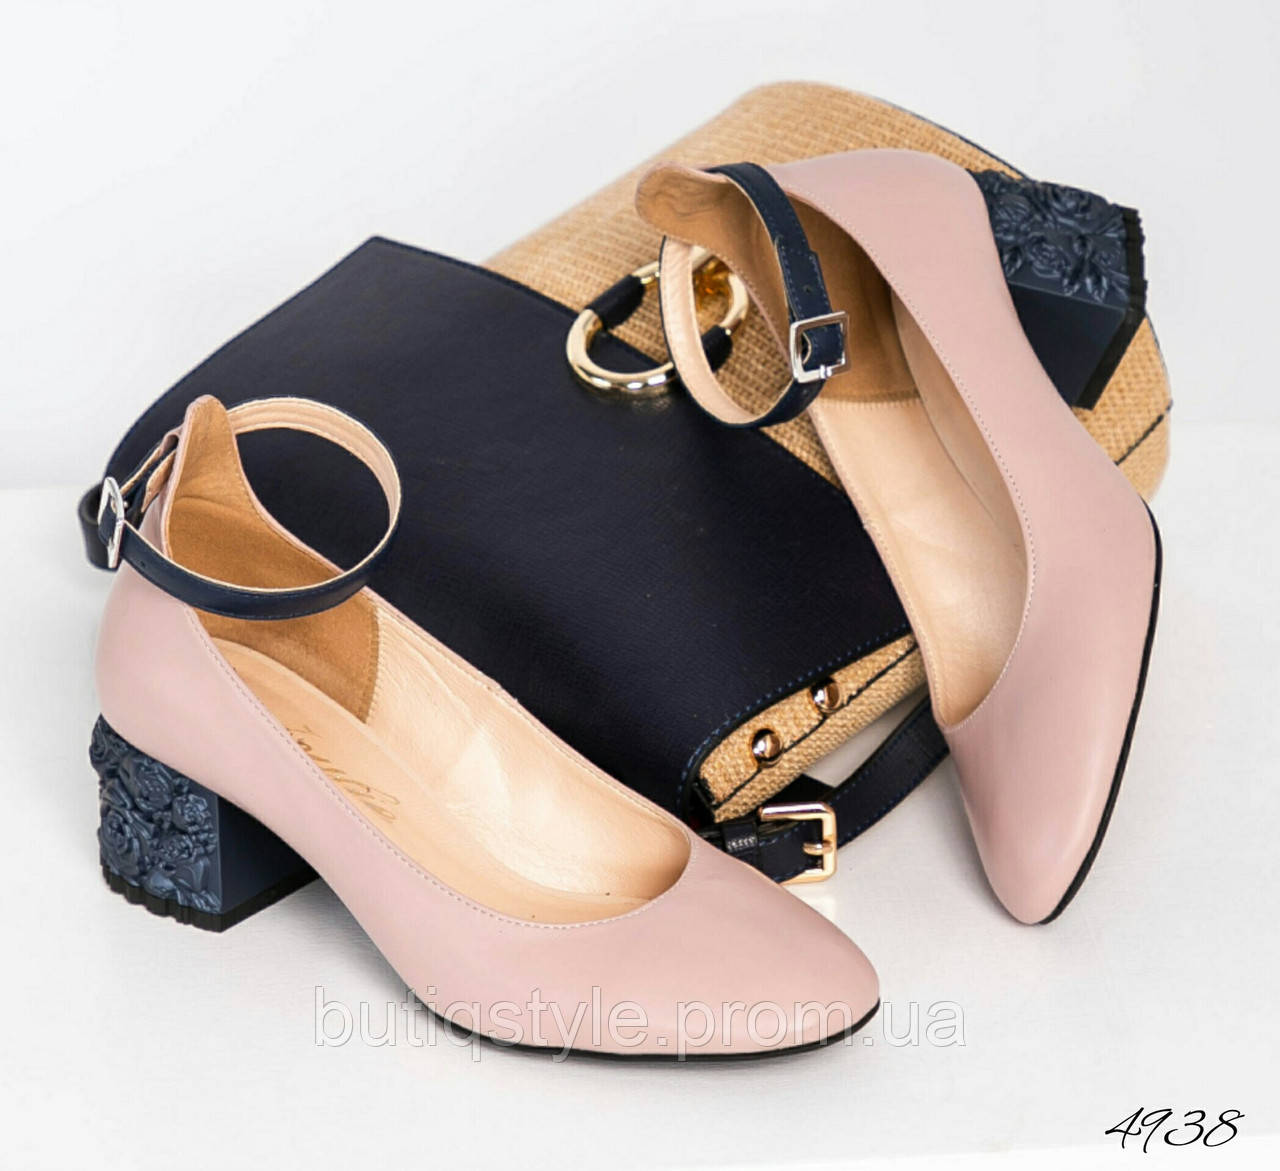 36 размер Красивые женские туфли пудра с красивым каблуком натуральная кожа